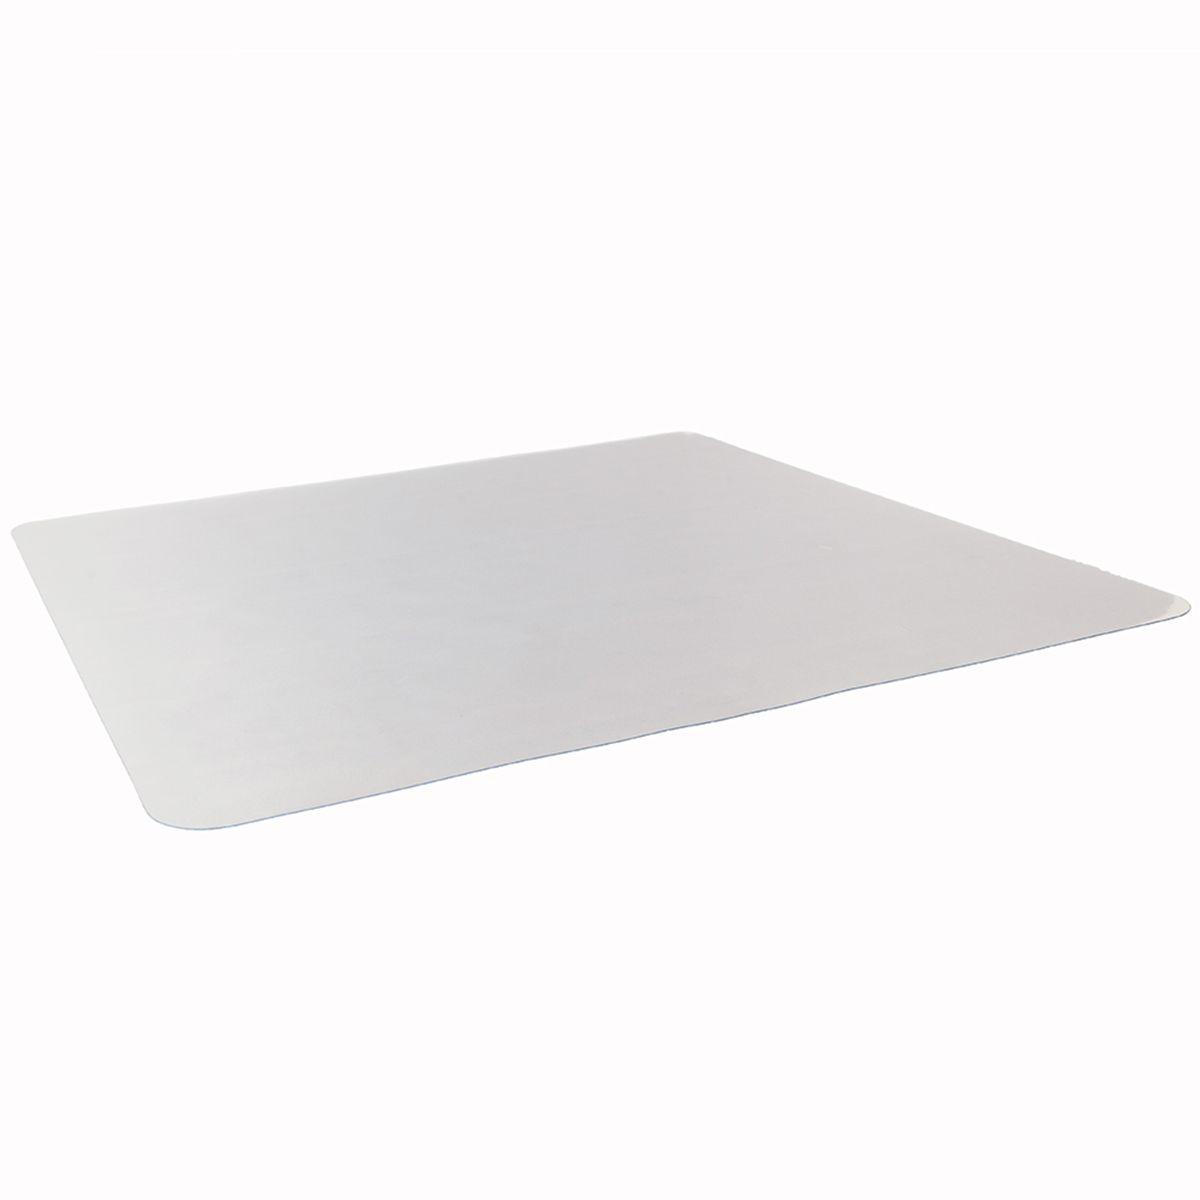 Nail olmadan Şeffaf PVC Dikdörtgen Mat Zemin Koruma Mat Sandalye Mat Yüzey Anti-çizik Mat